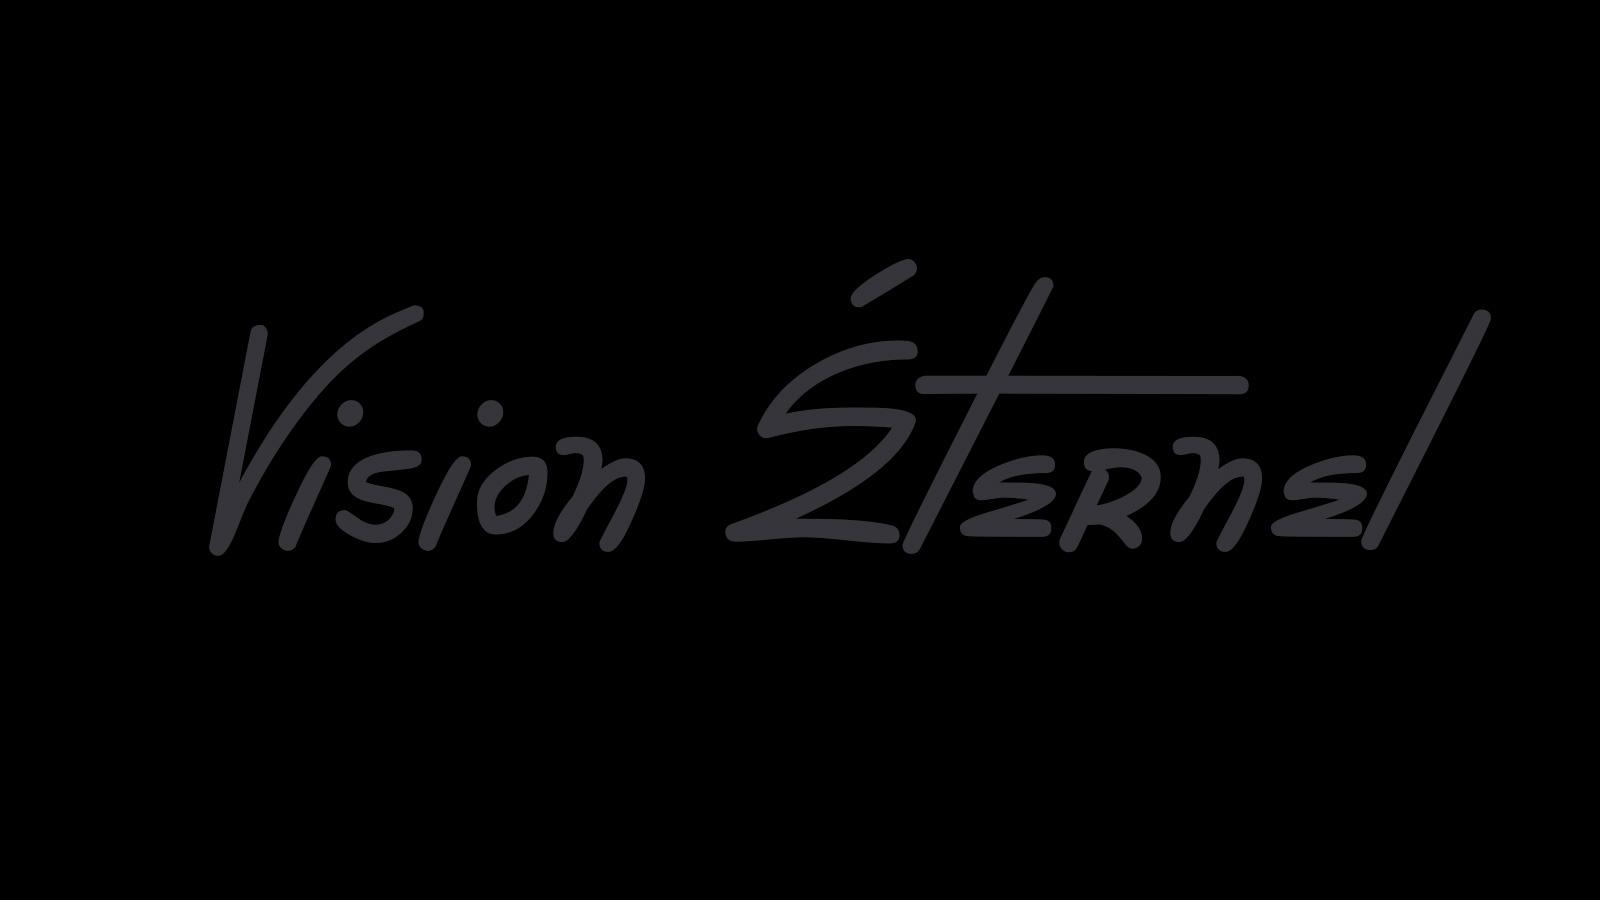 Vision Éternel Mentioned In Triskalyon Interview For Dark Angel Promotion